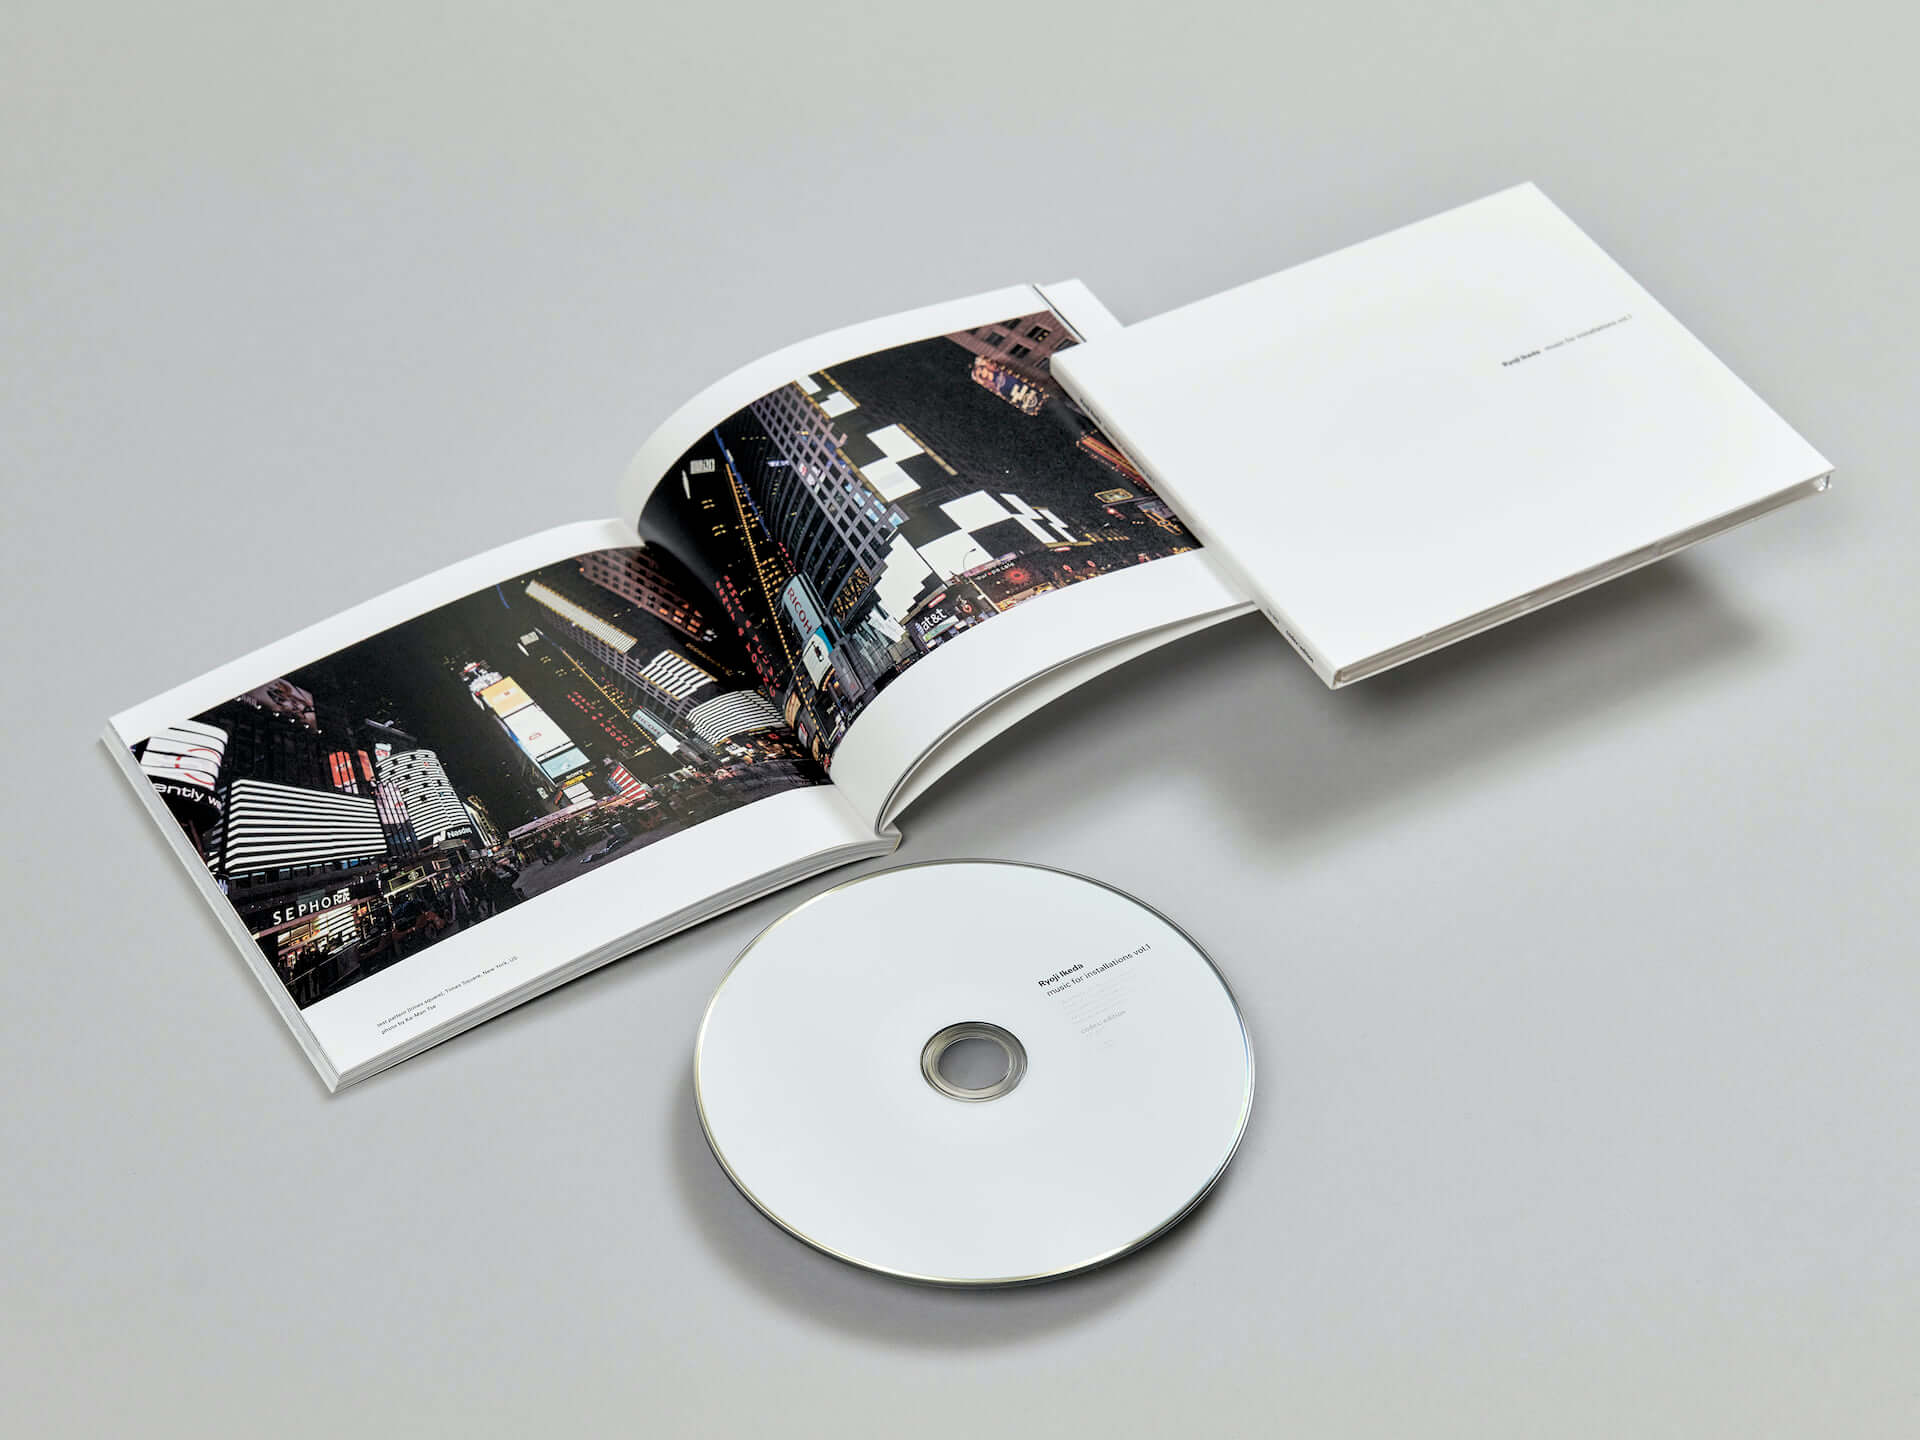 池田亮司の新作『music for installations vol.1』が999部限定で発売決定!オーディオビジュアルインスタレーションの音源を多数収録 music210316_ryoji-ikeda_1-1920x1440